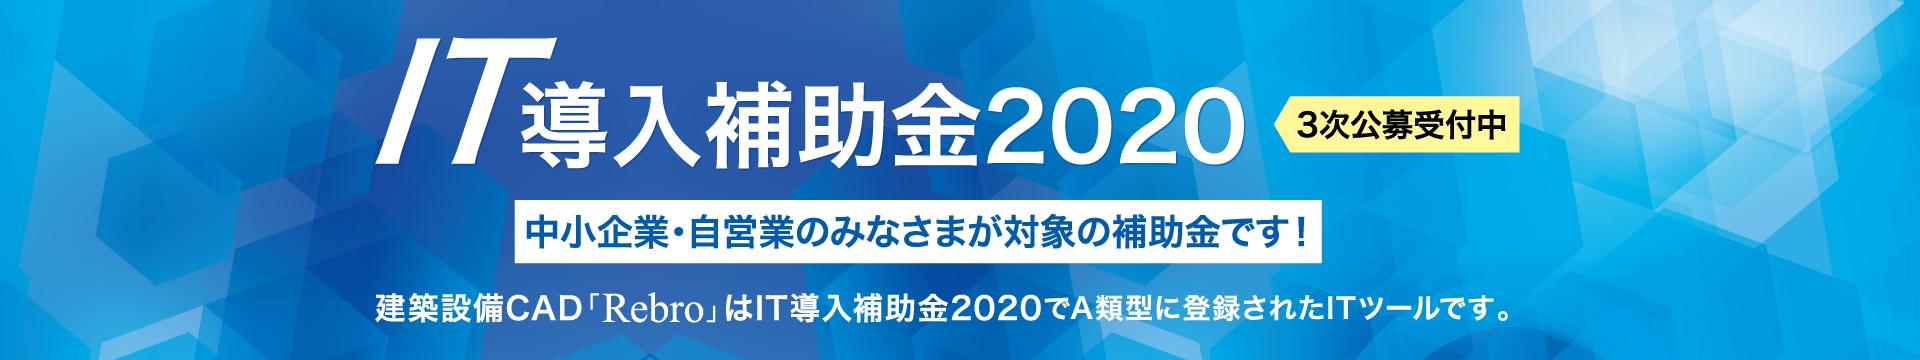 IT導入補助金2020_3次公募